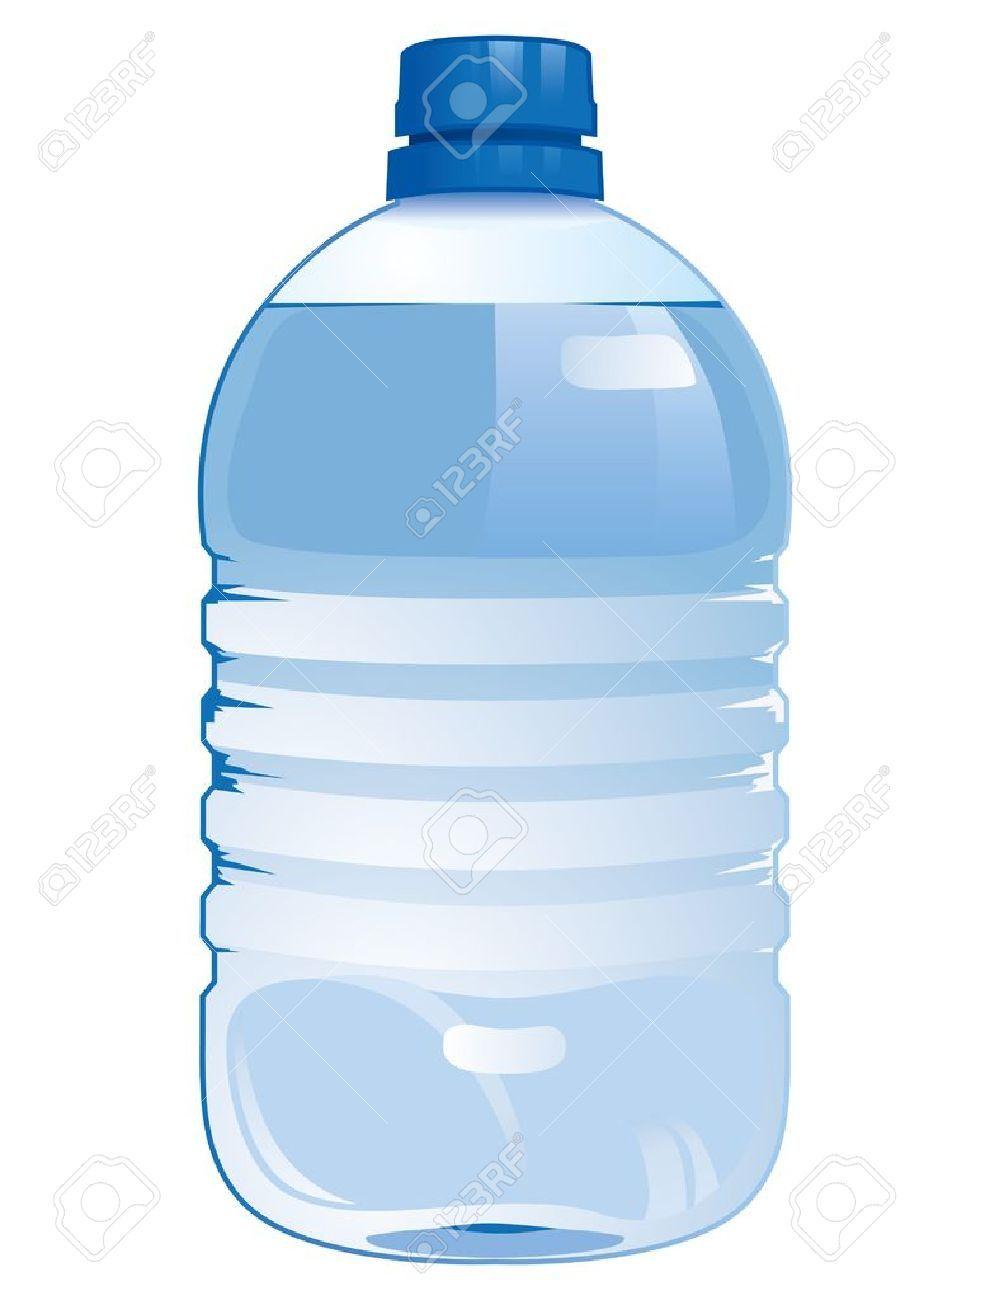 Bouteilleeau clipart graphic transparent download Clipart bouteille eau » Clipart Portal graphic transparent download